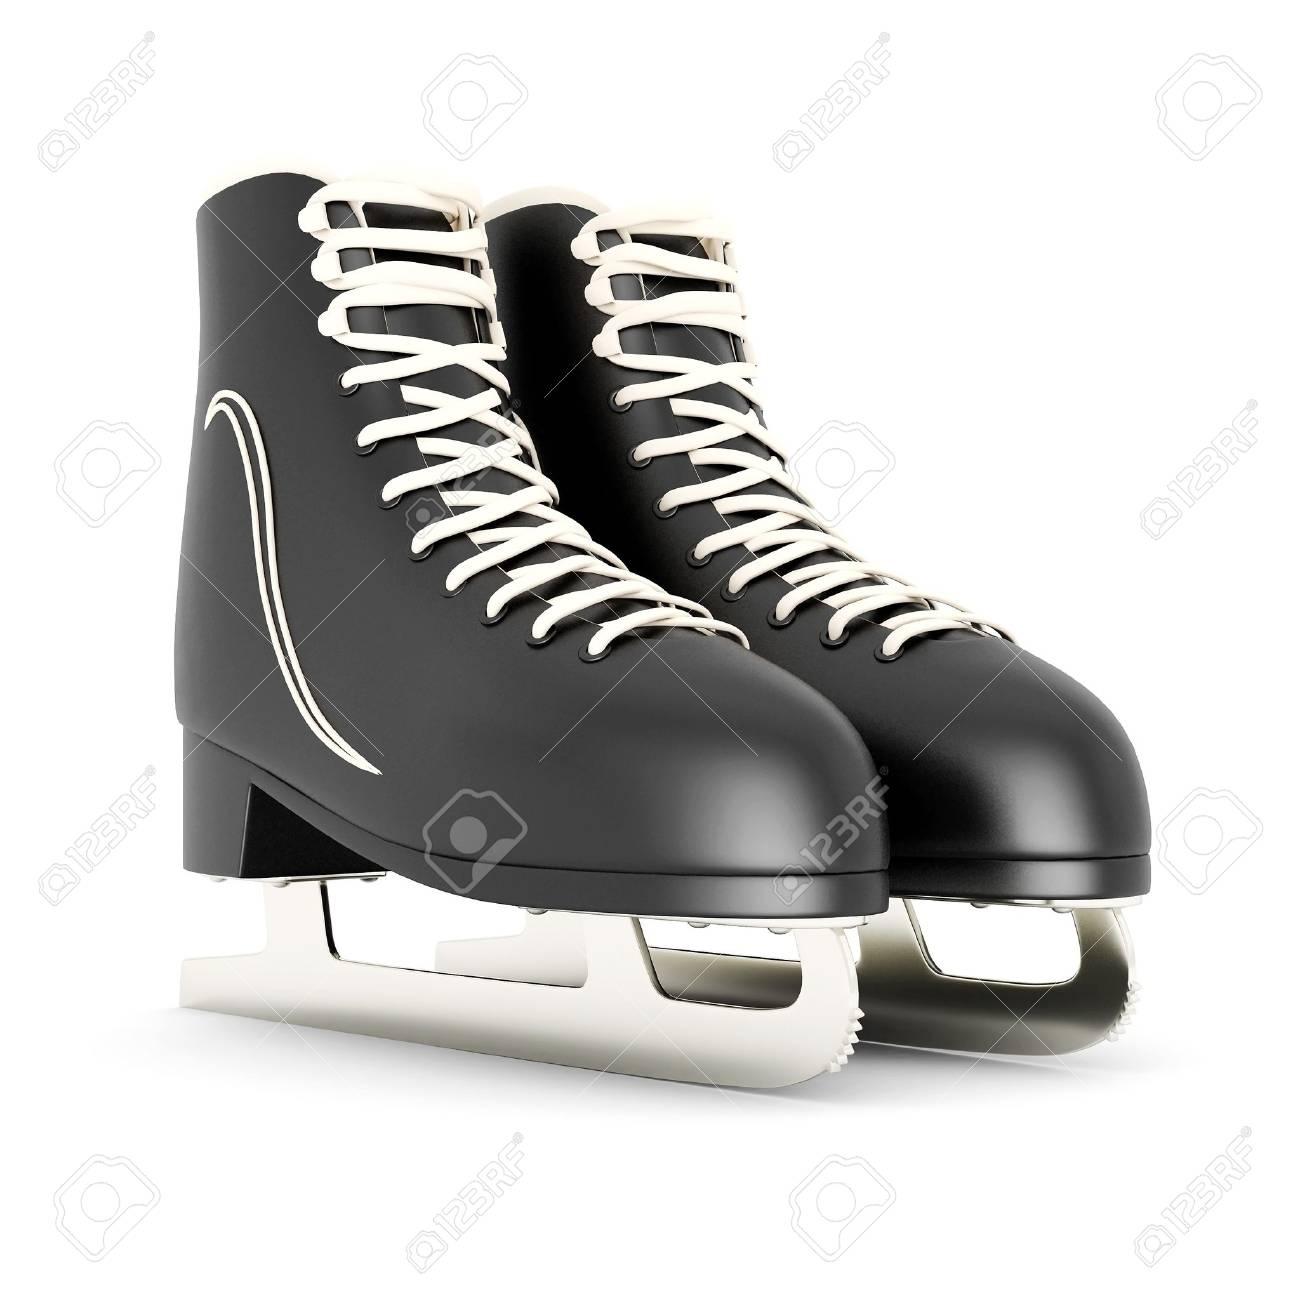 Roller skates for figure skating - Stock Photo Skates For Figure Skating On A White Background